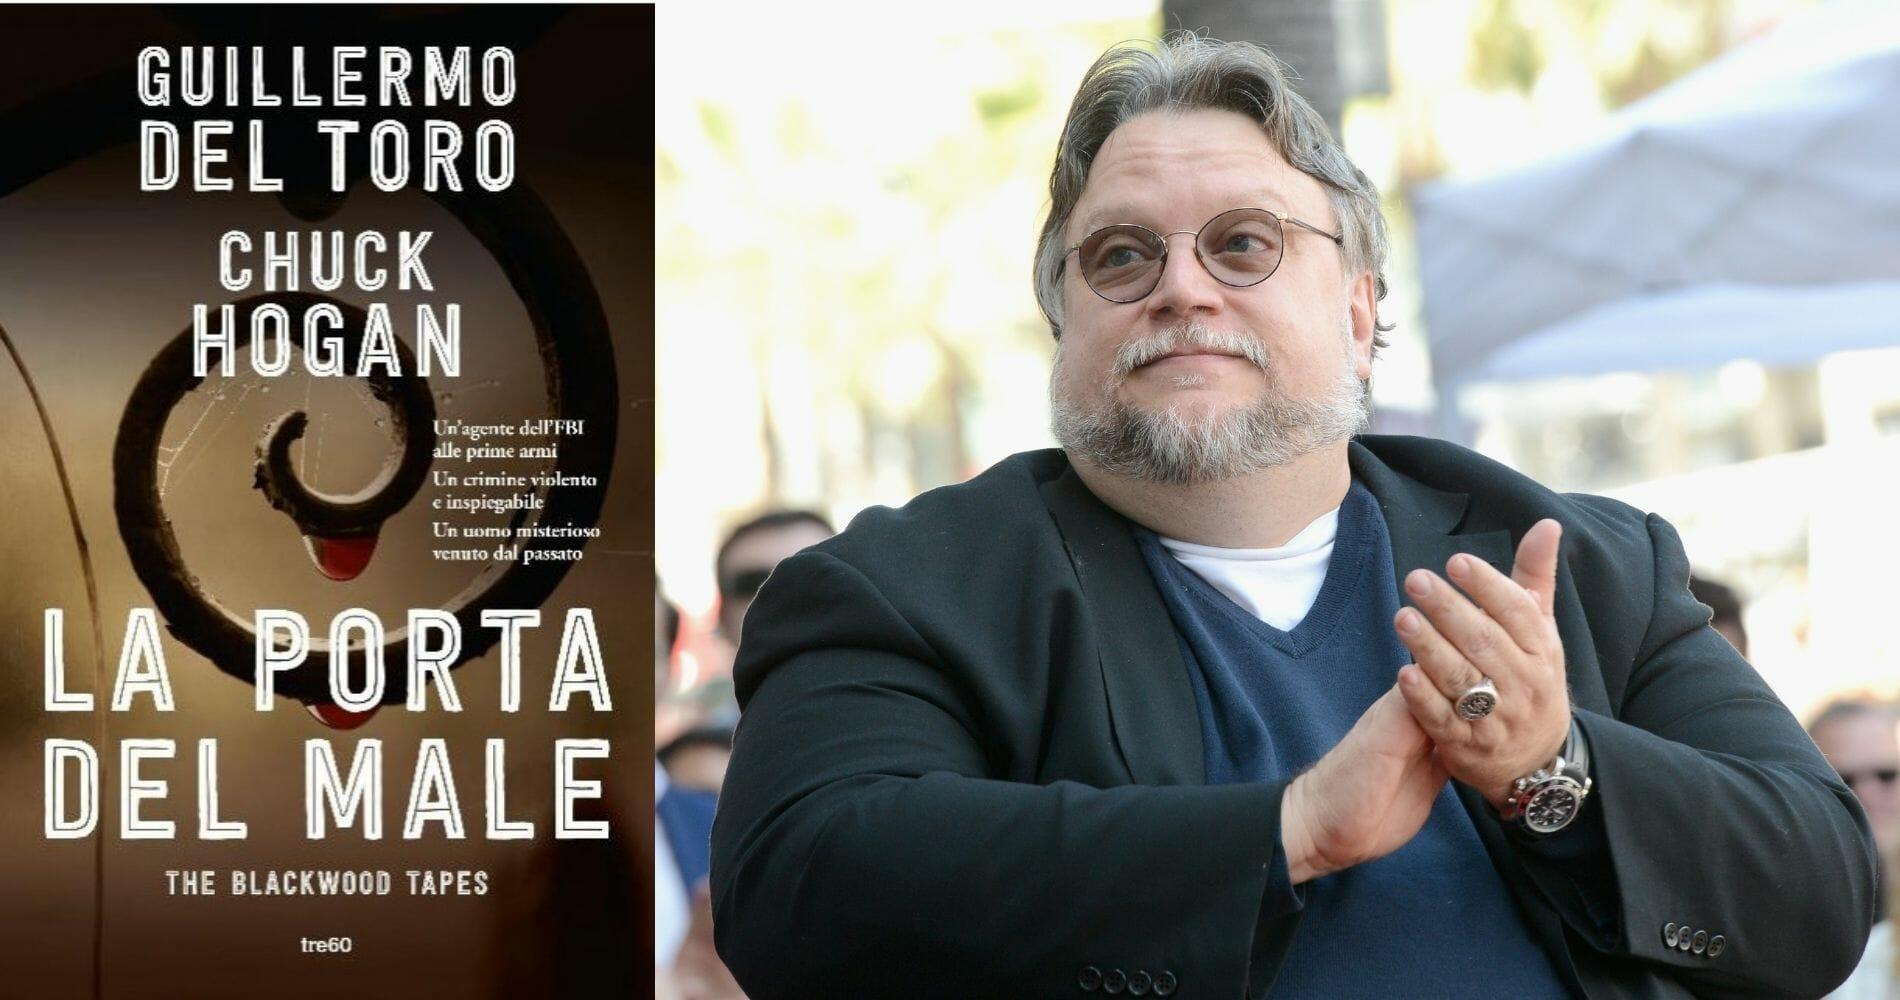 """""""La porta del male"""", il nuovo romanzo di Guillermo del Toro (scritto con Chuck Hogan)"""